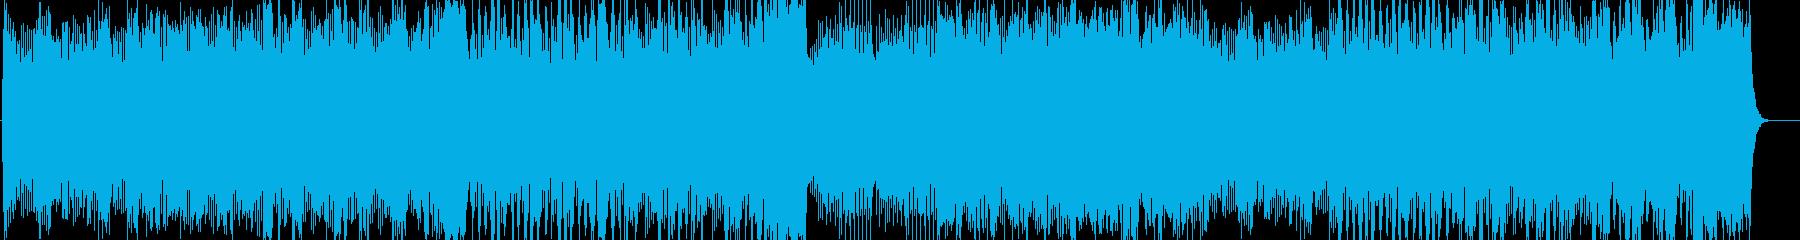 ブラスとストリングスのOPっぽいBGMの再生済みの波形